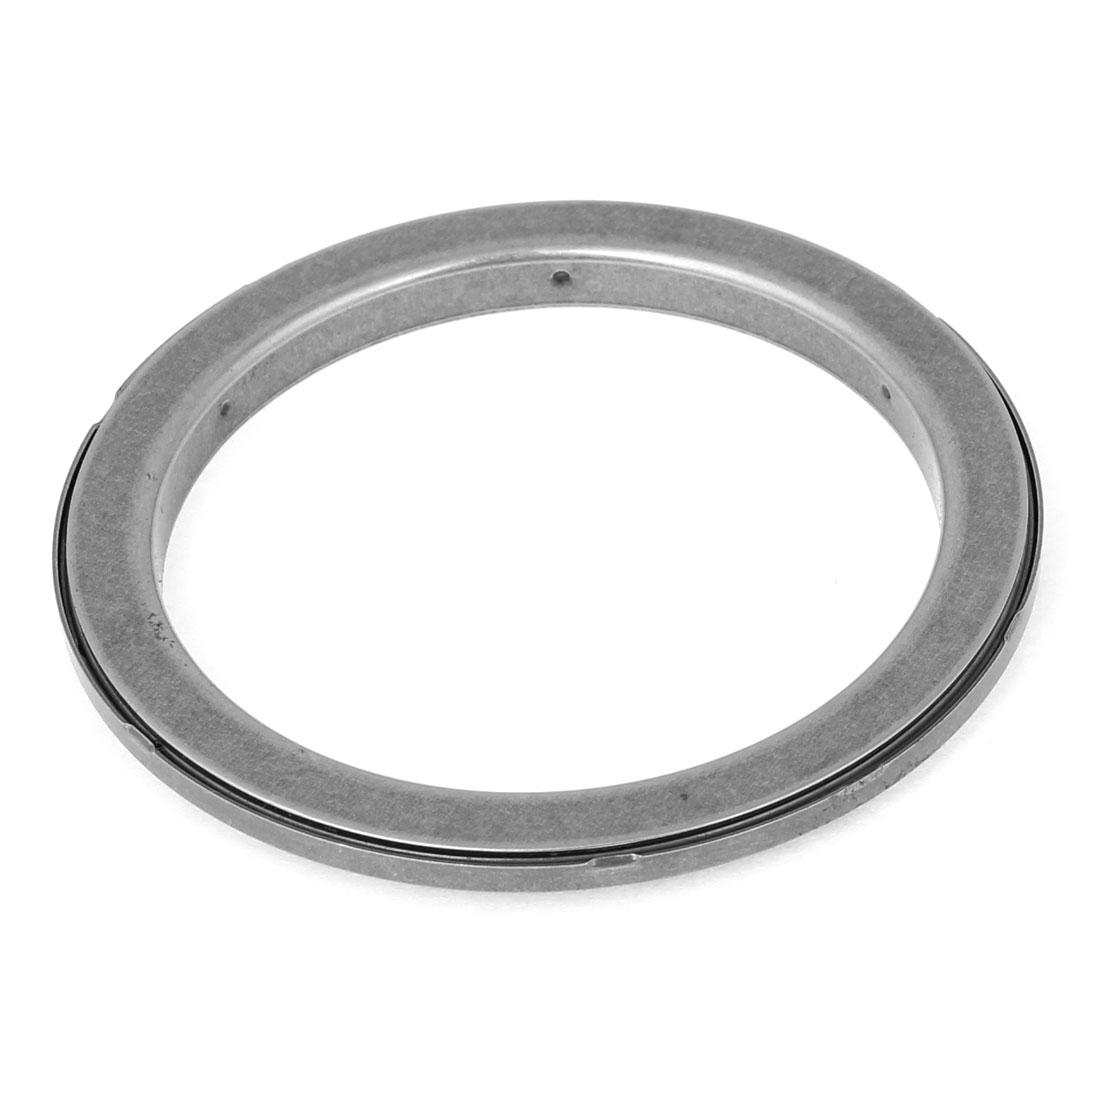 Single Lip Piston Rod Metal Oil Seal 53mm x 66mm x 5mm